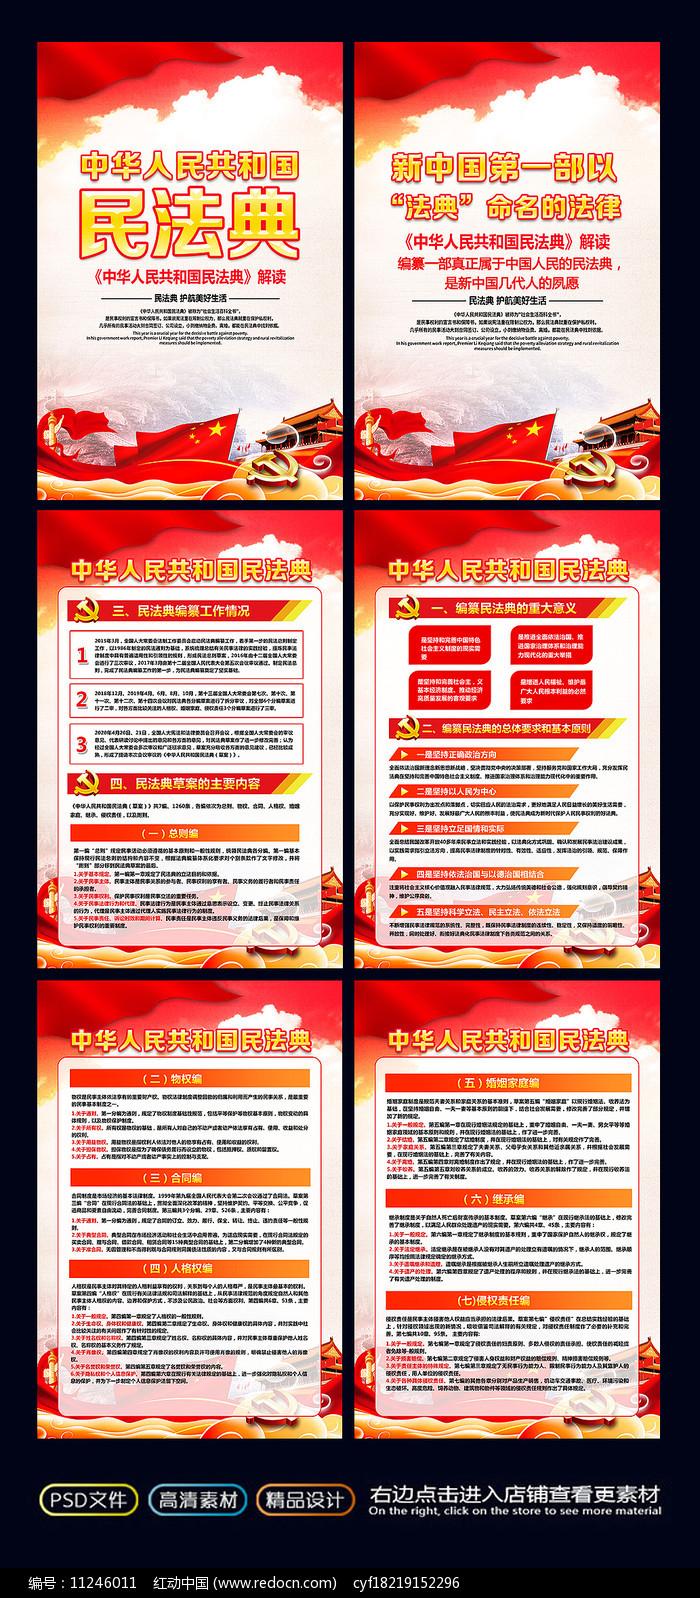 大气中华人民共和国民法典展板